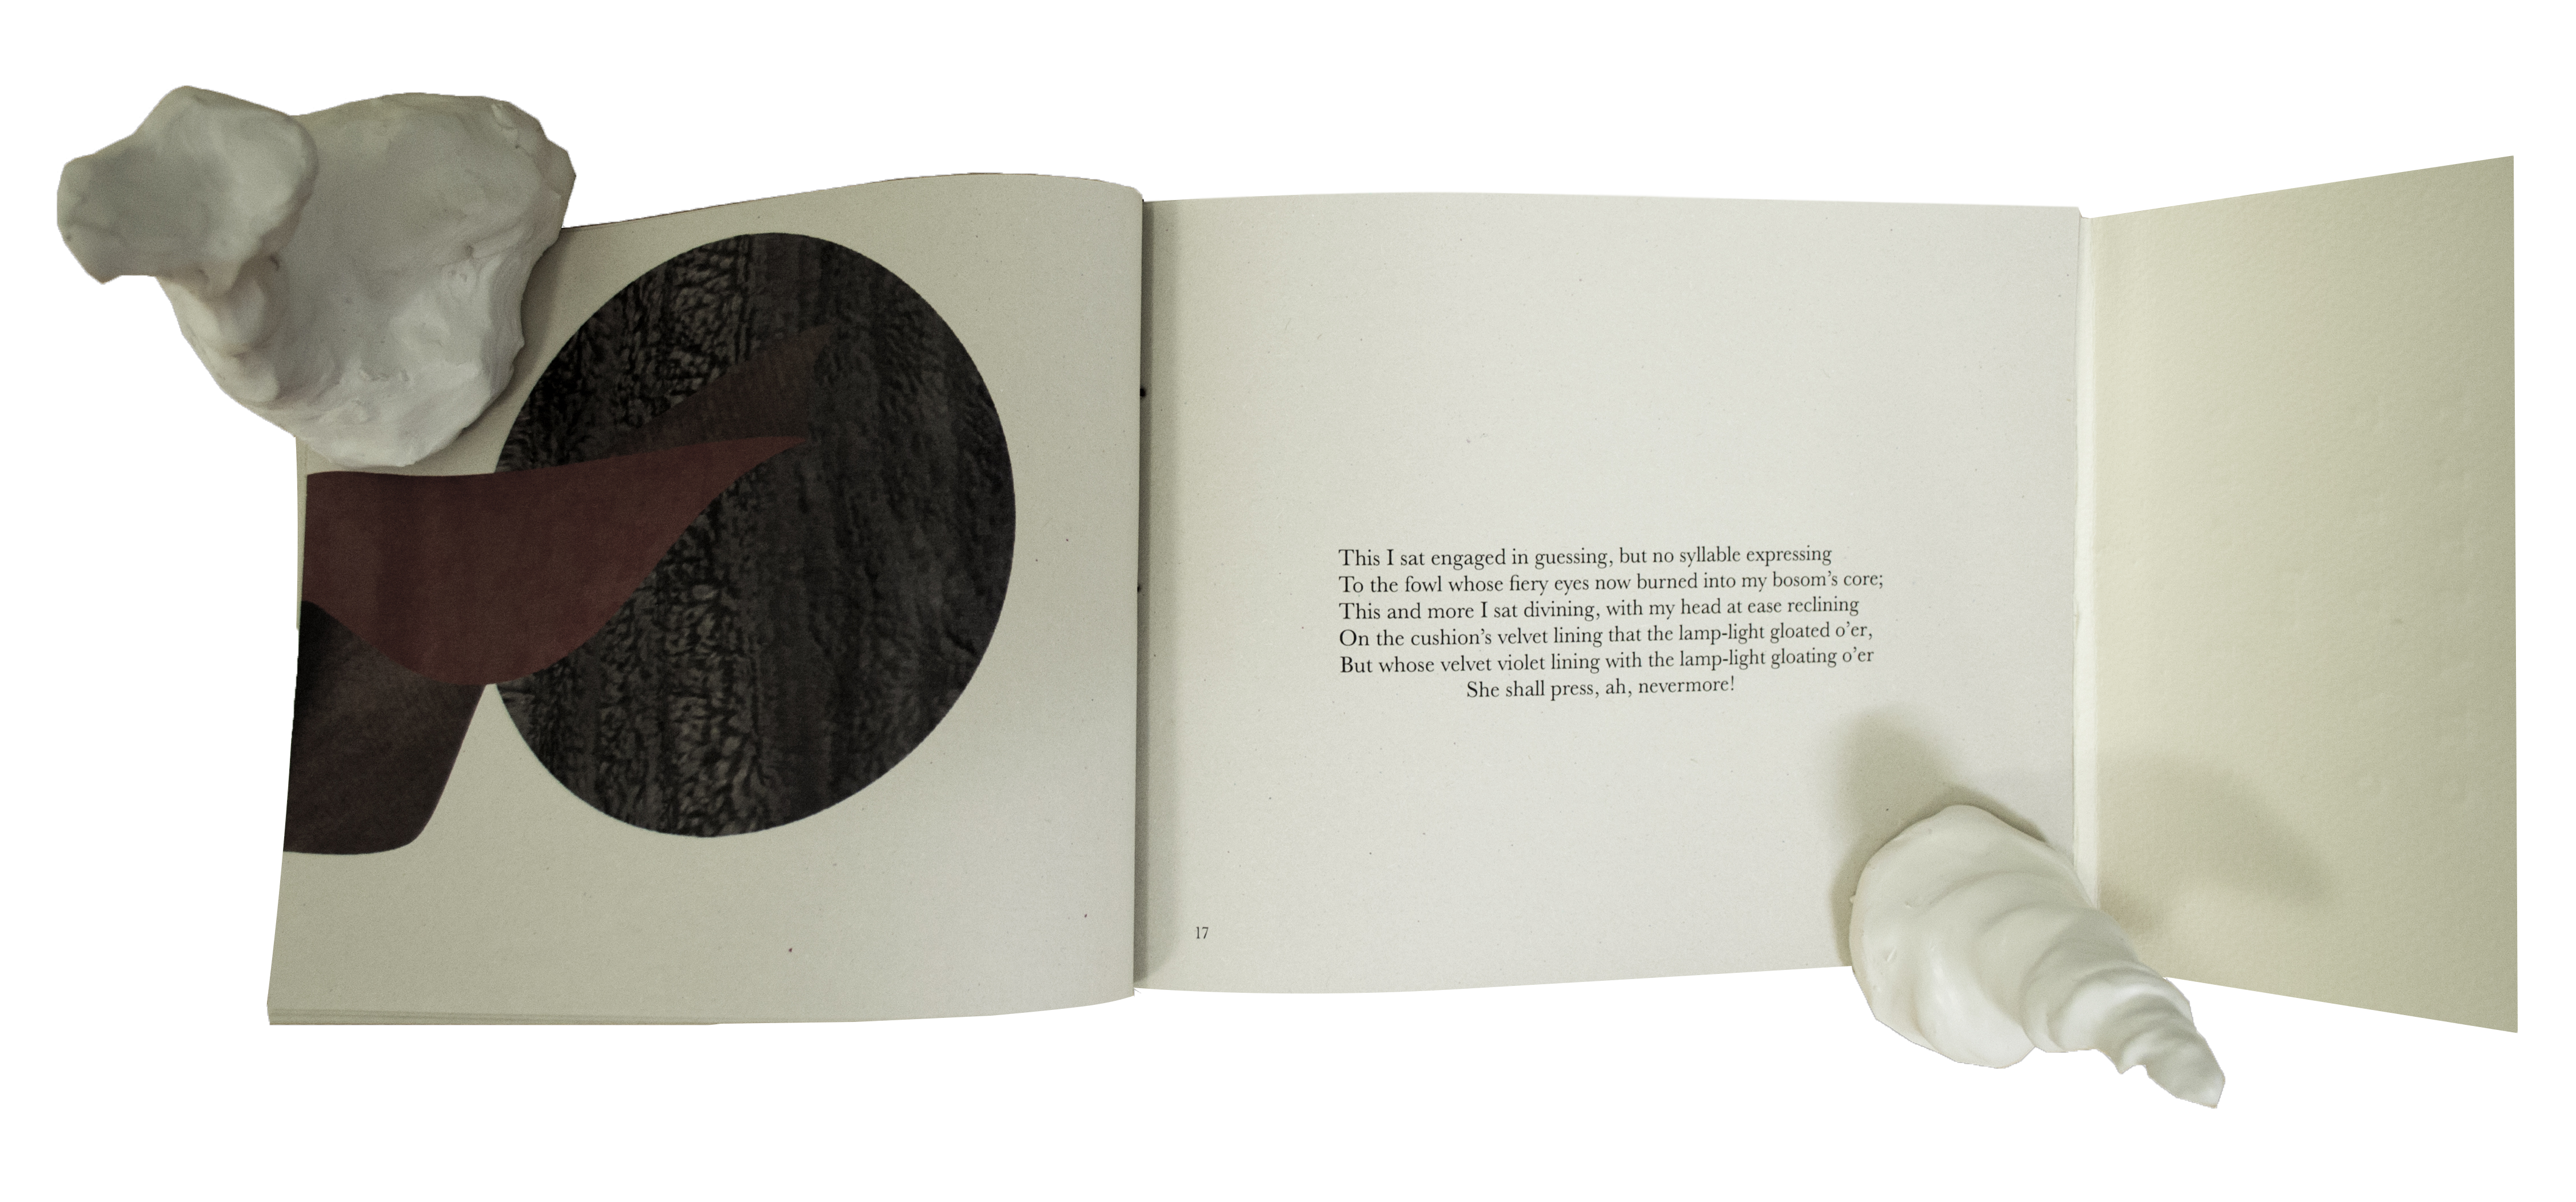 Final book